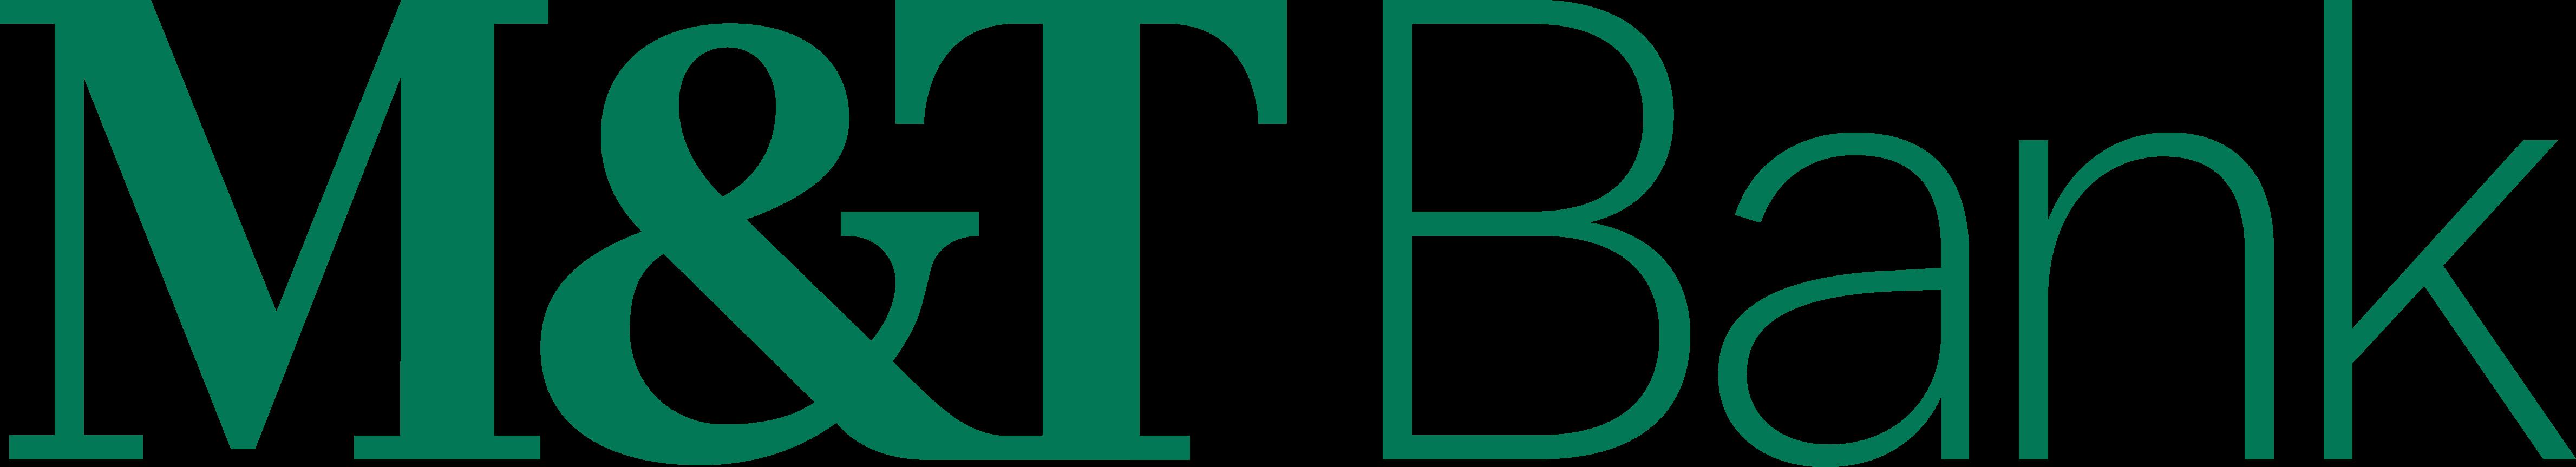 M&T Bank's logo